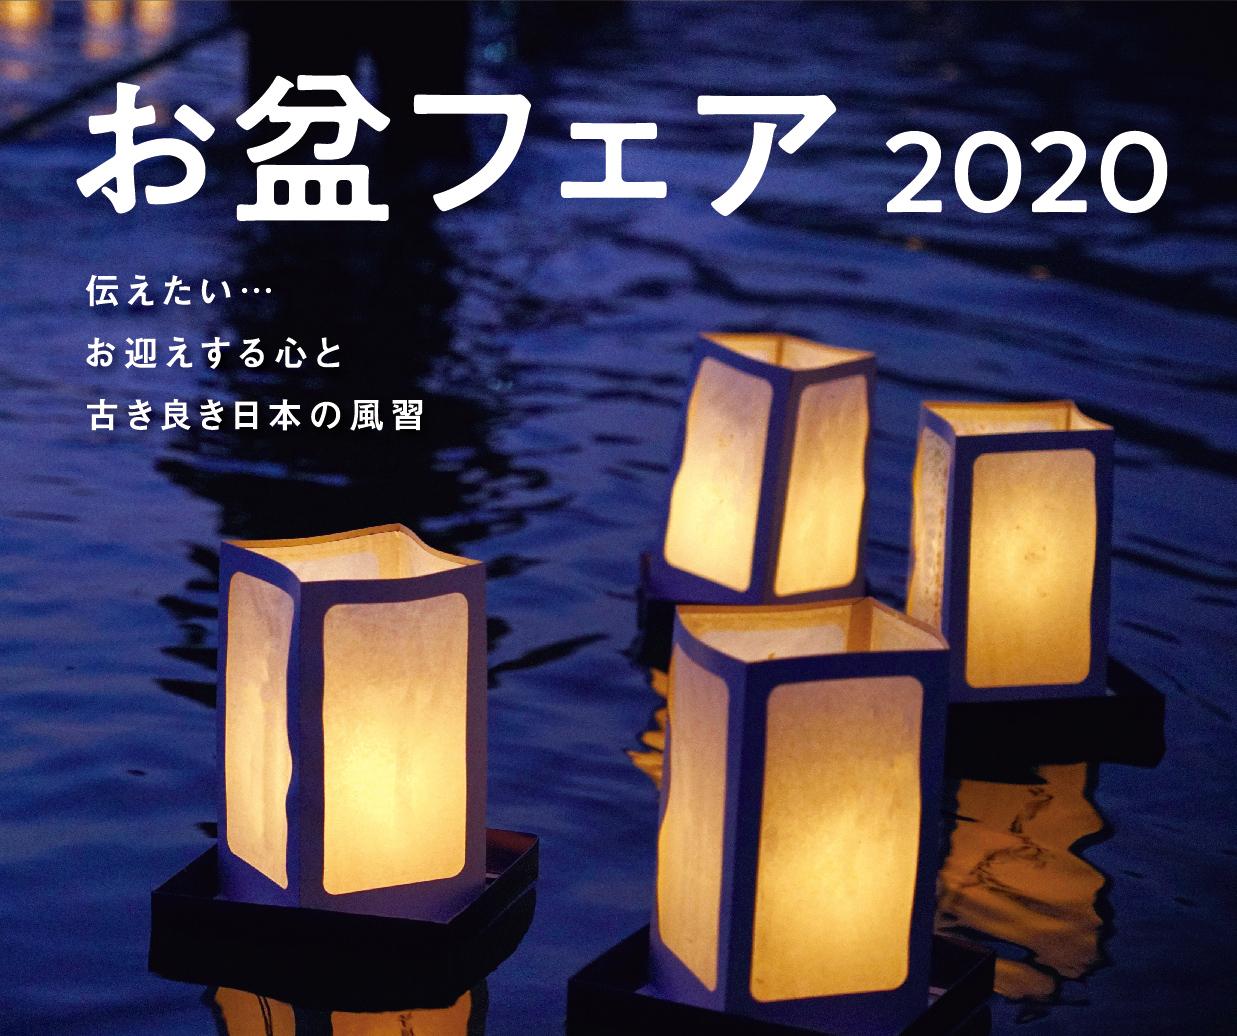 お盆 2020